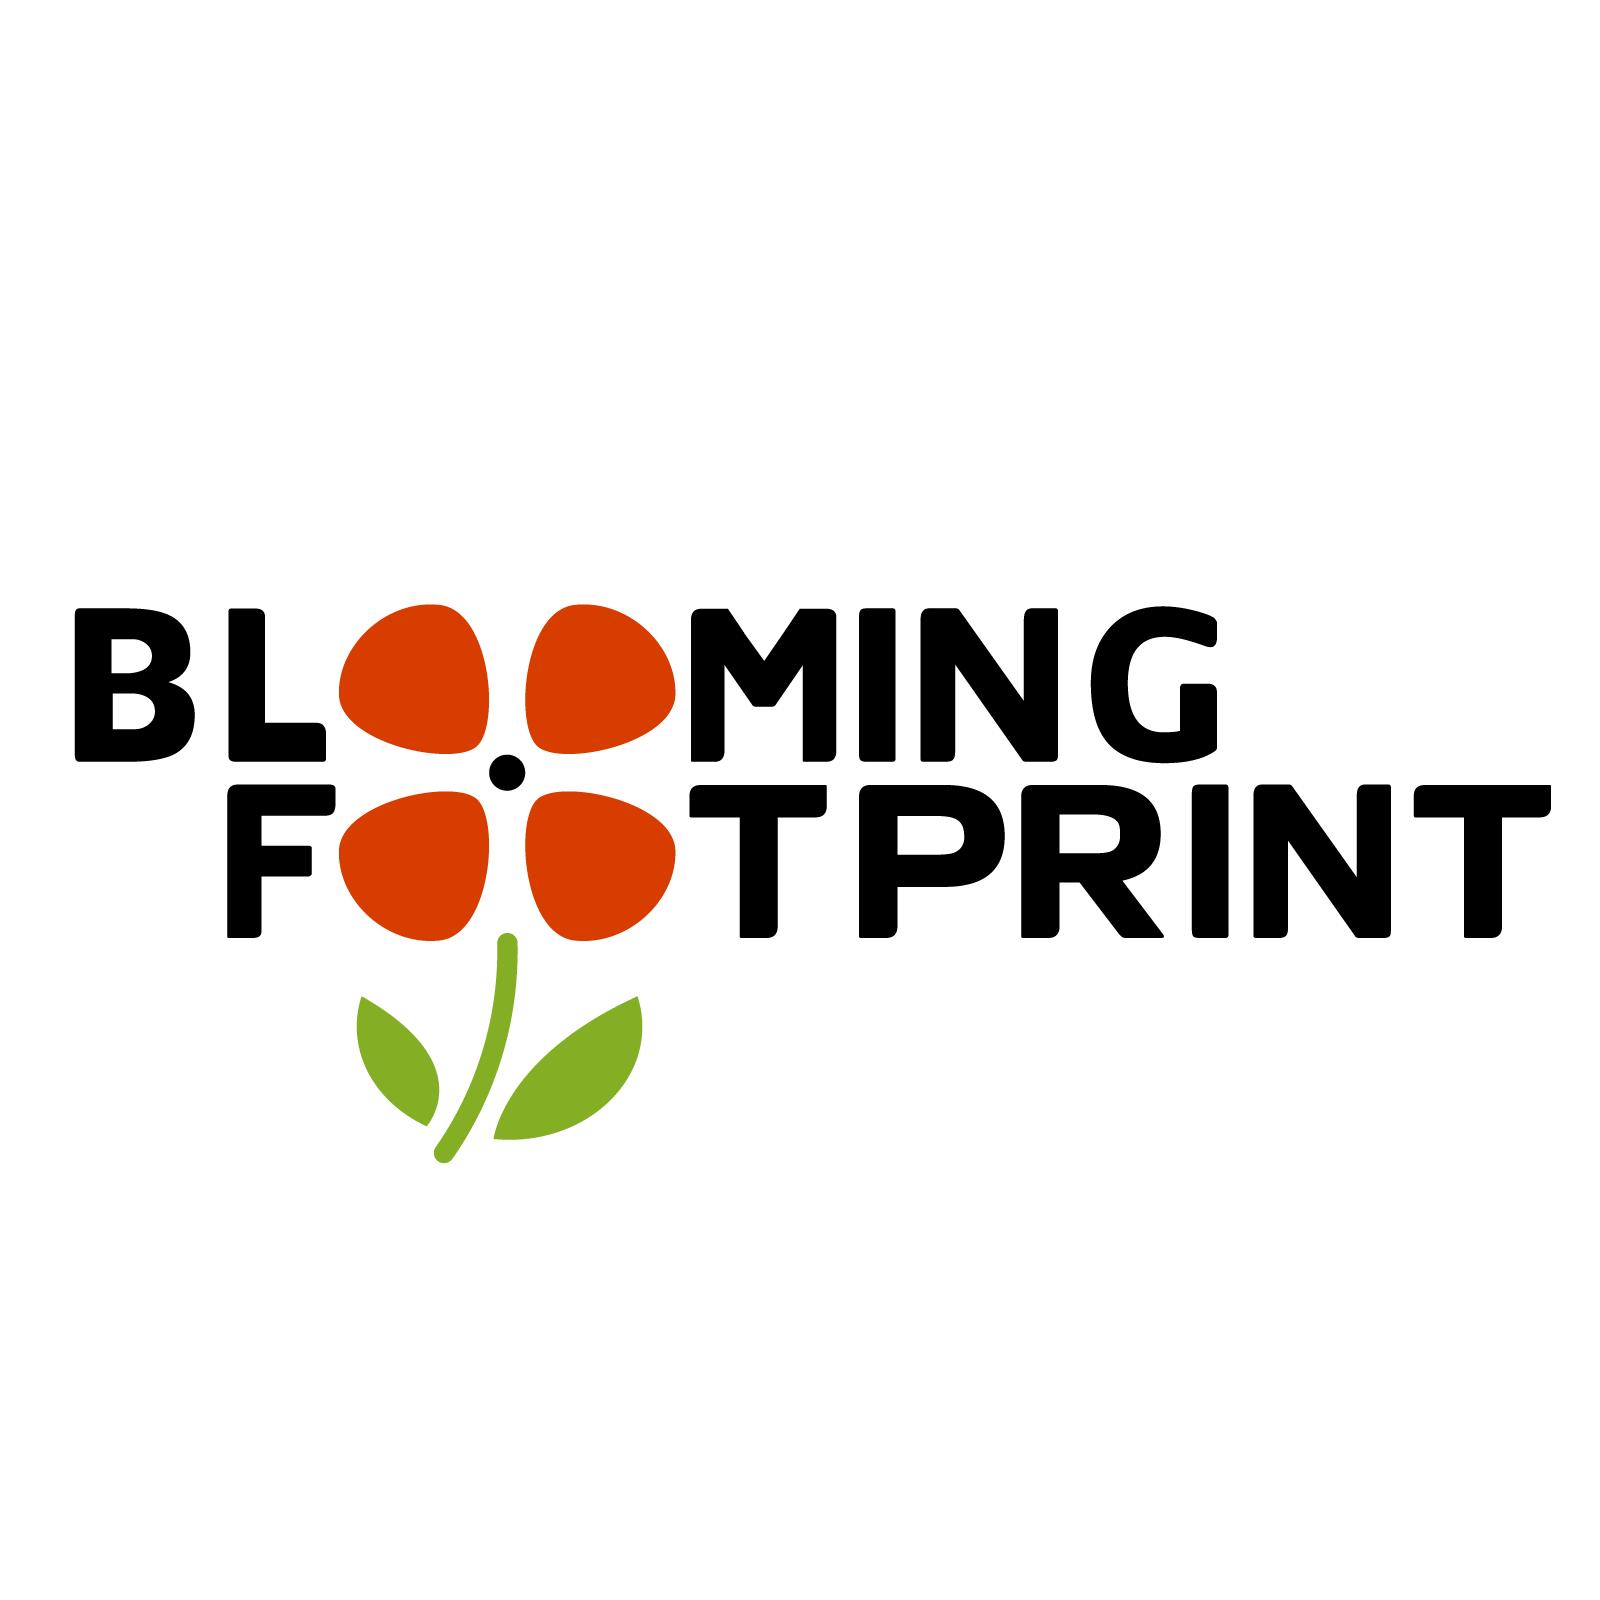 Blooming Footprint